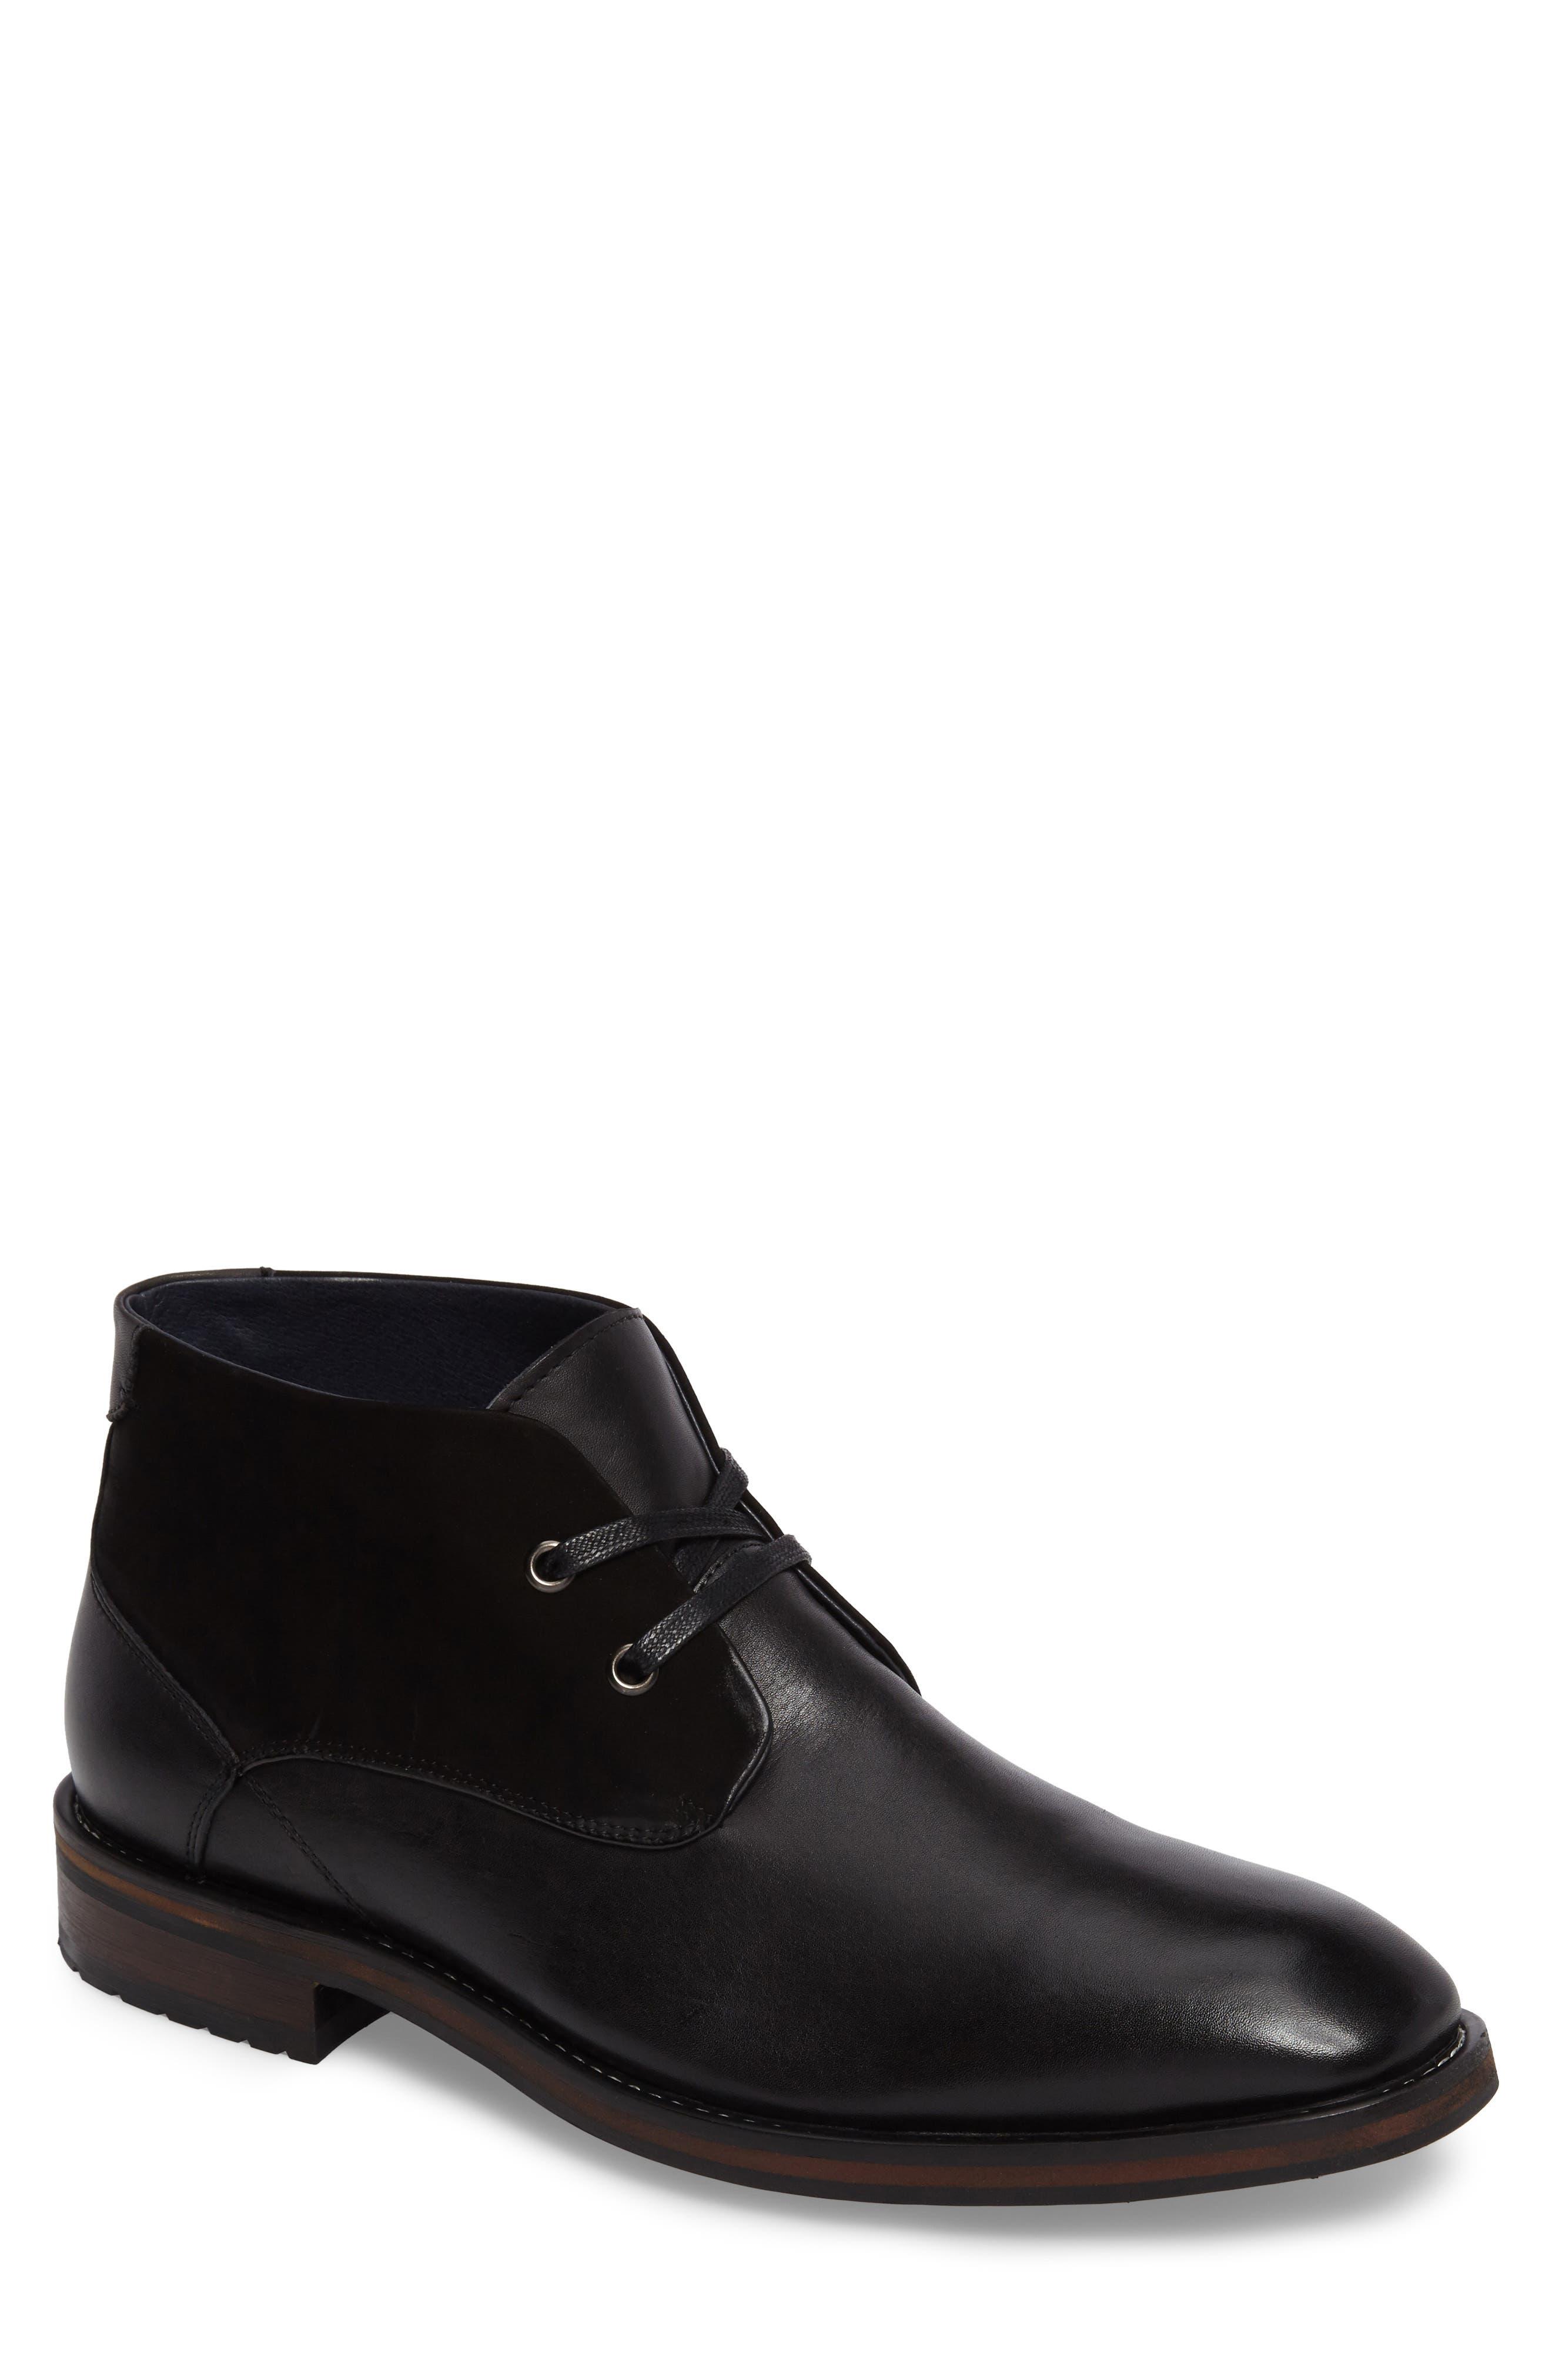 Easby Chukka Boot,                         Main,                         color, 001